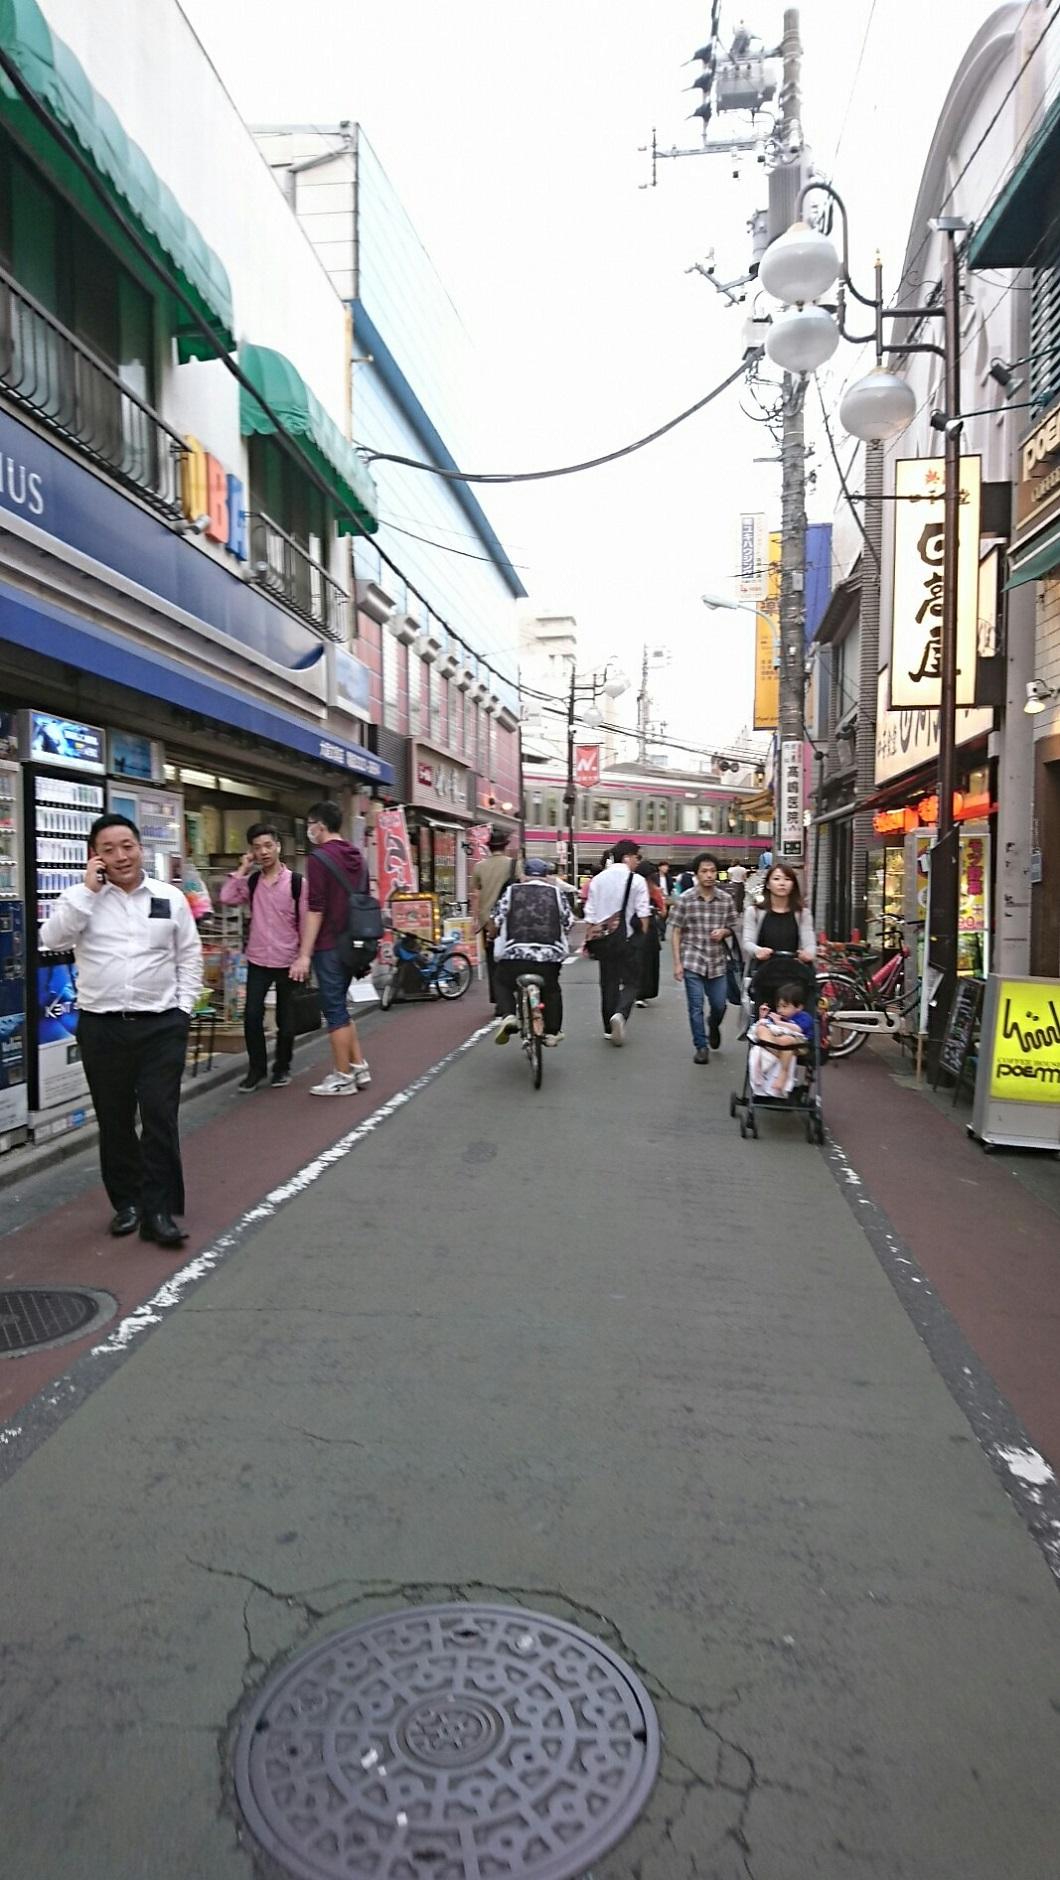 2017.10.12 東京 (144) 下高井戸商店街 - 日大どおり(ひがしむき) 1060-1880